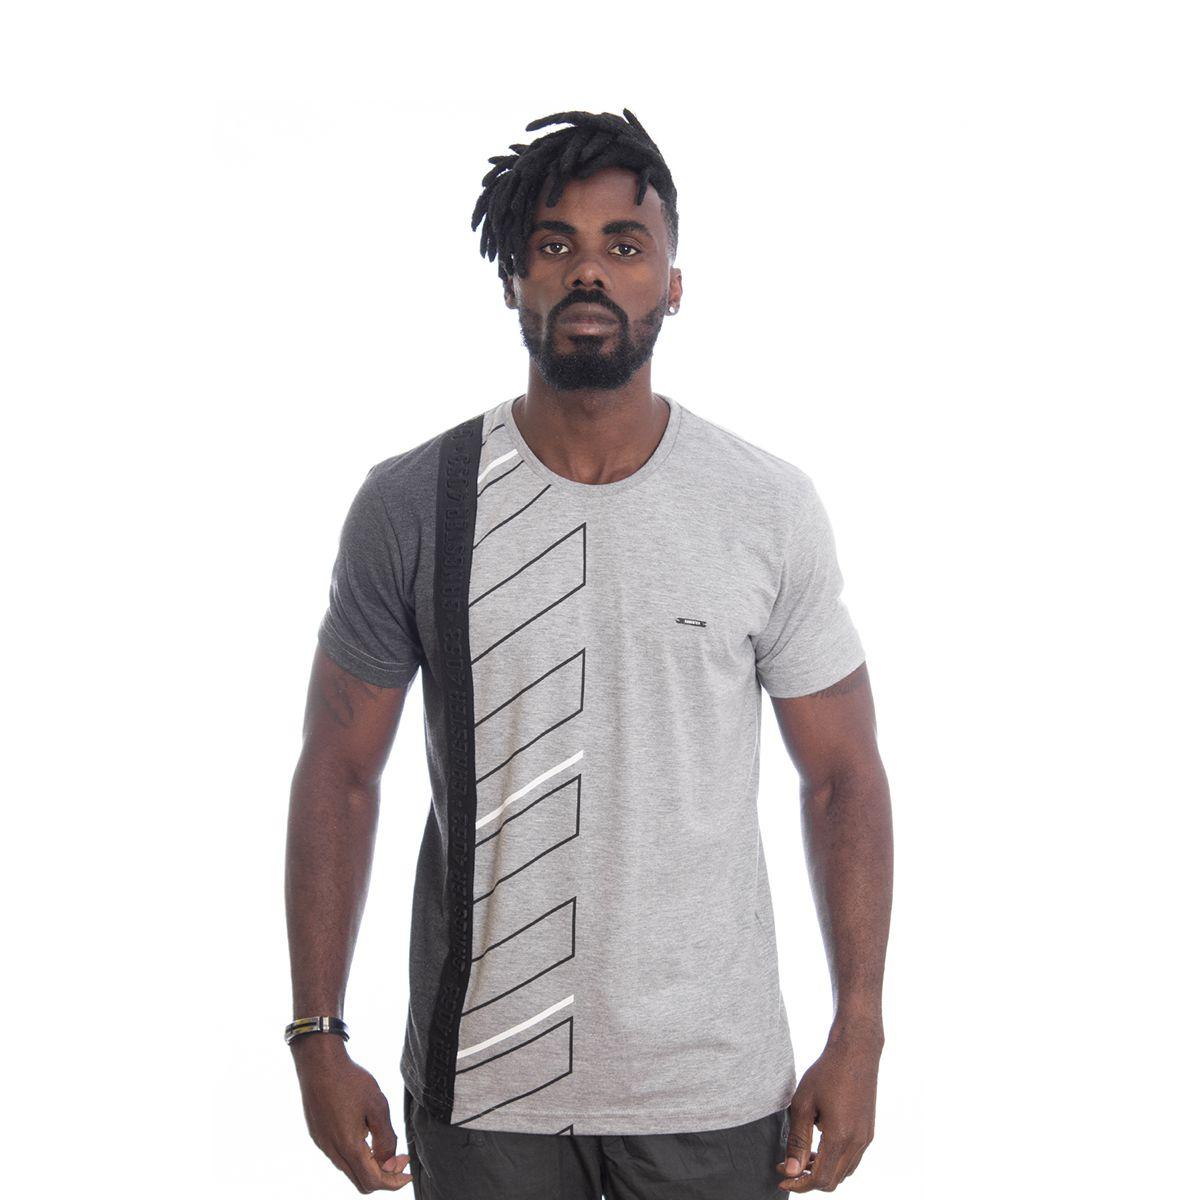 Camiseta Masculina Algodão Gangster Clássica 11.19.2496